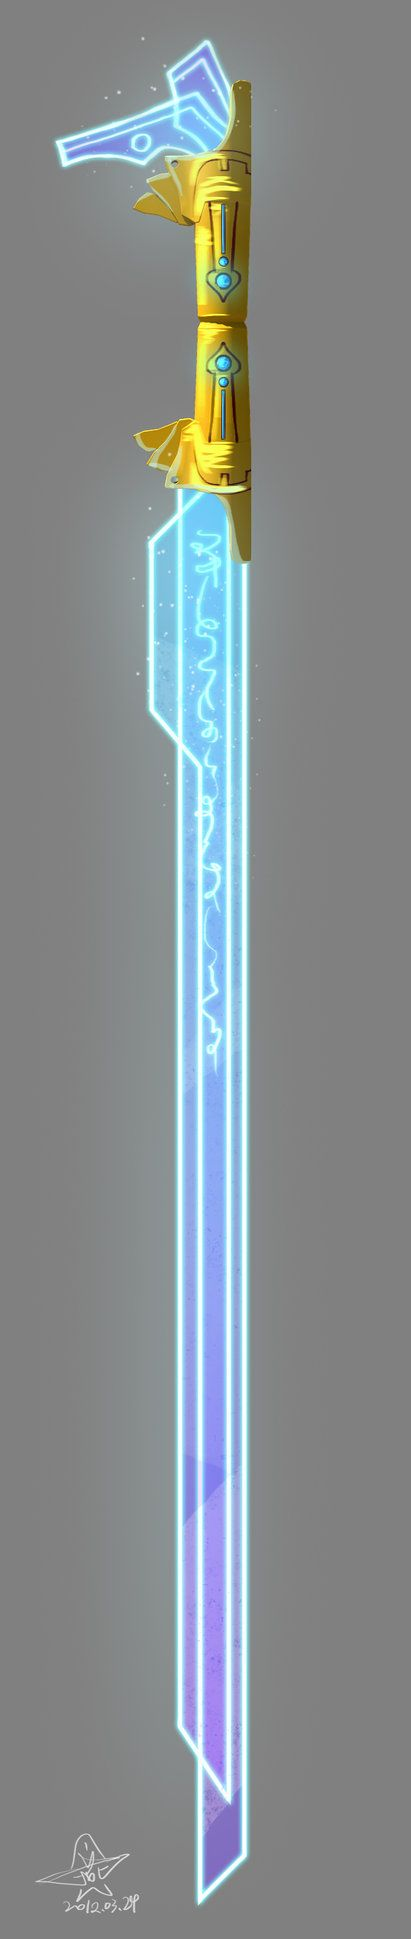 the plasma sword_V1 by yanzi-5 on DeviantArt